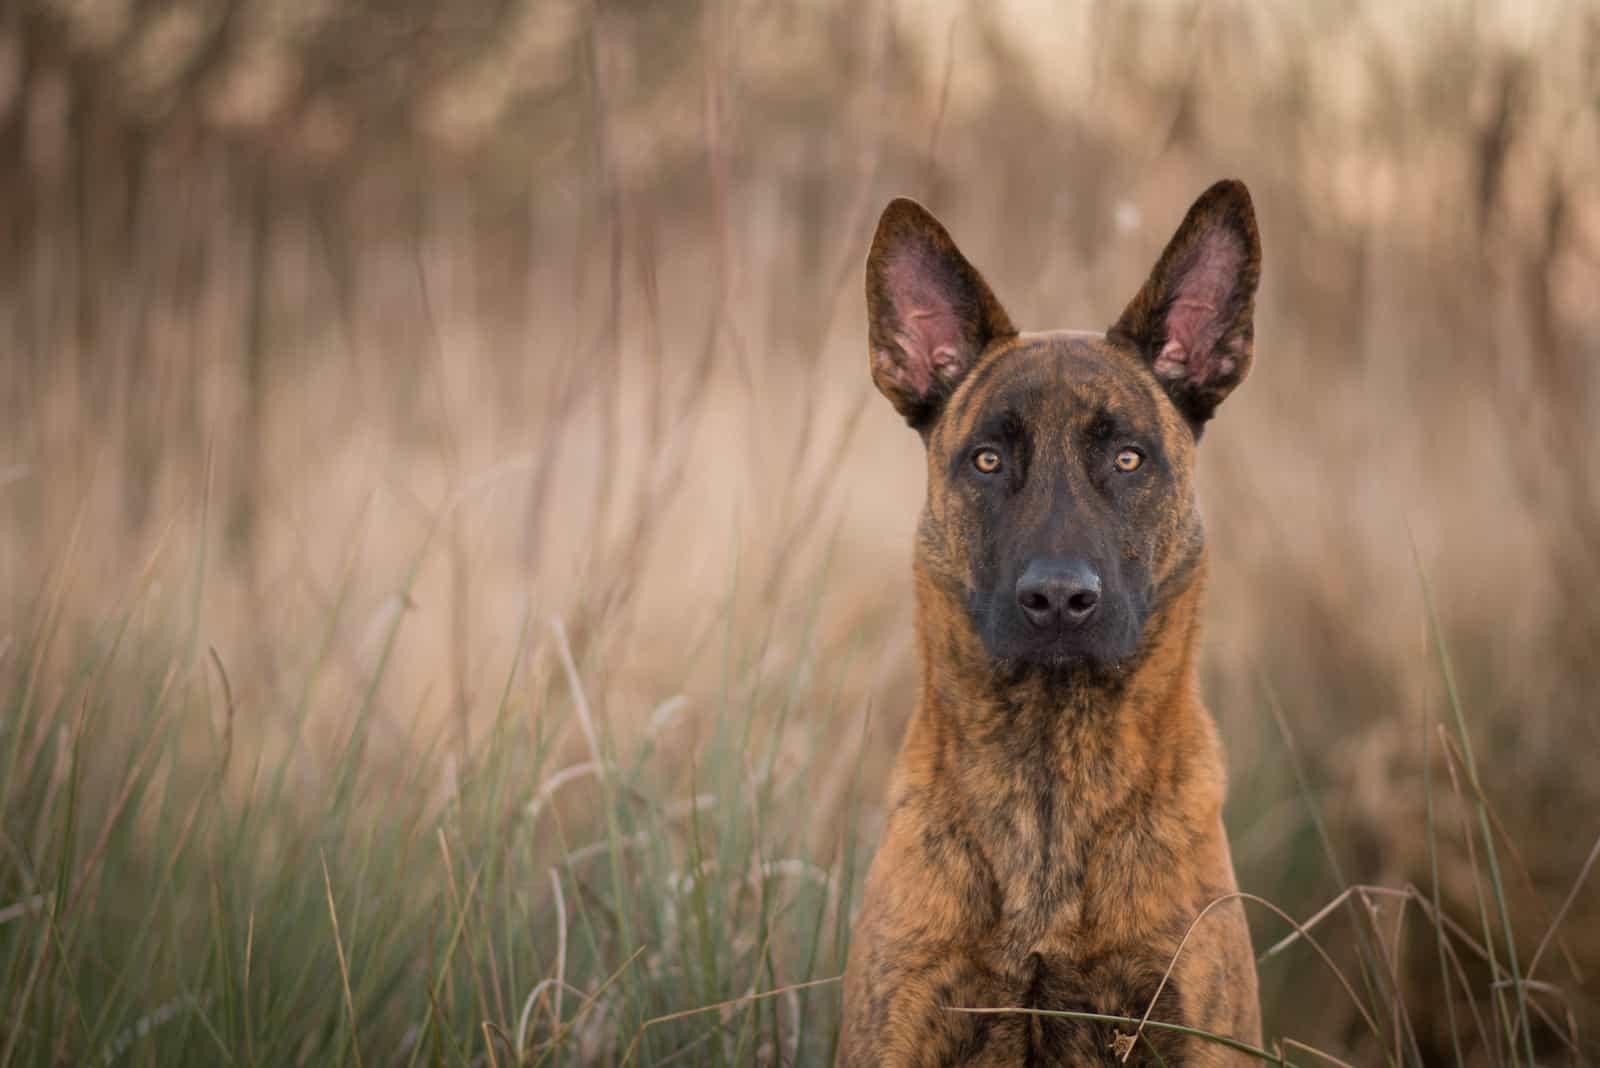 Niederländischer Schäferhund im Freien in der Natur